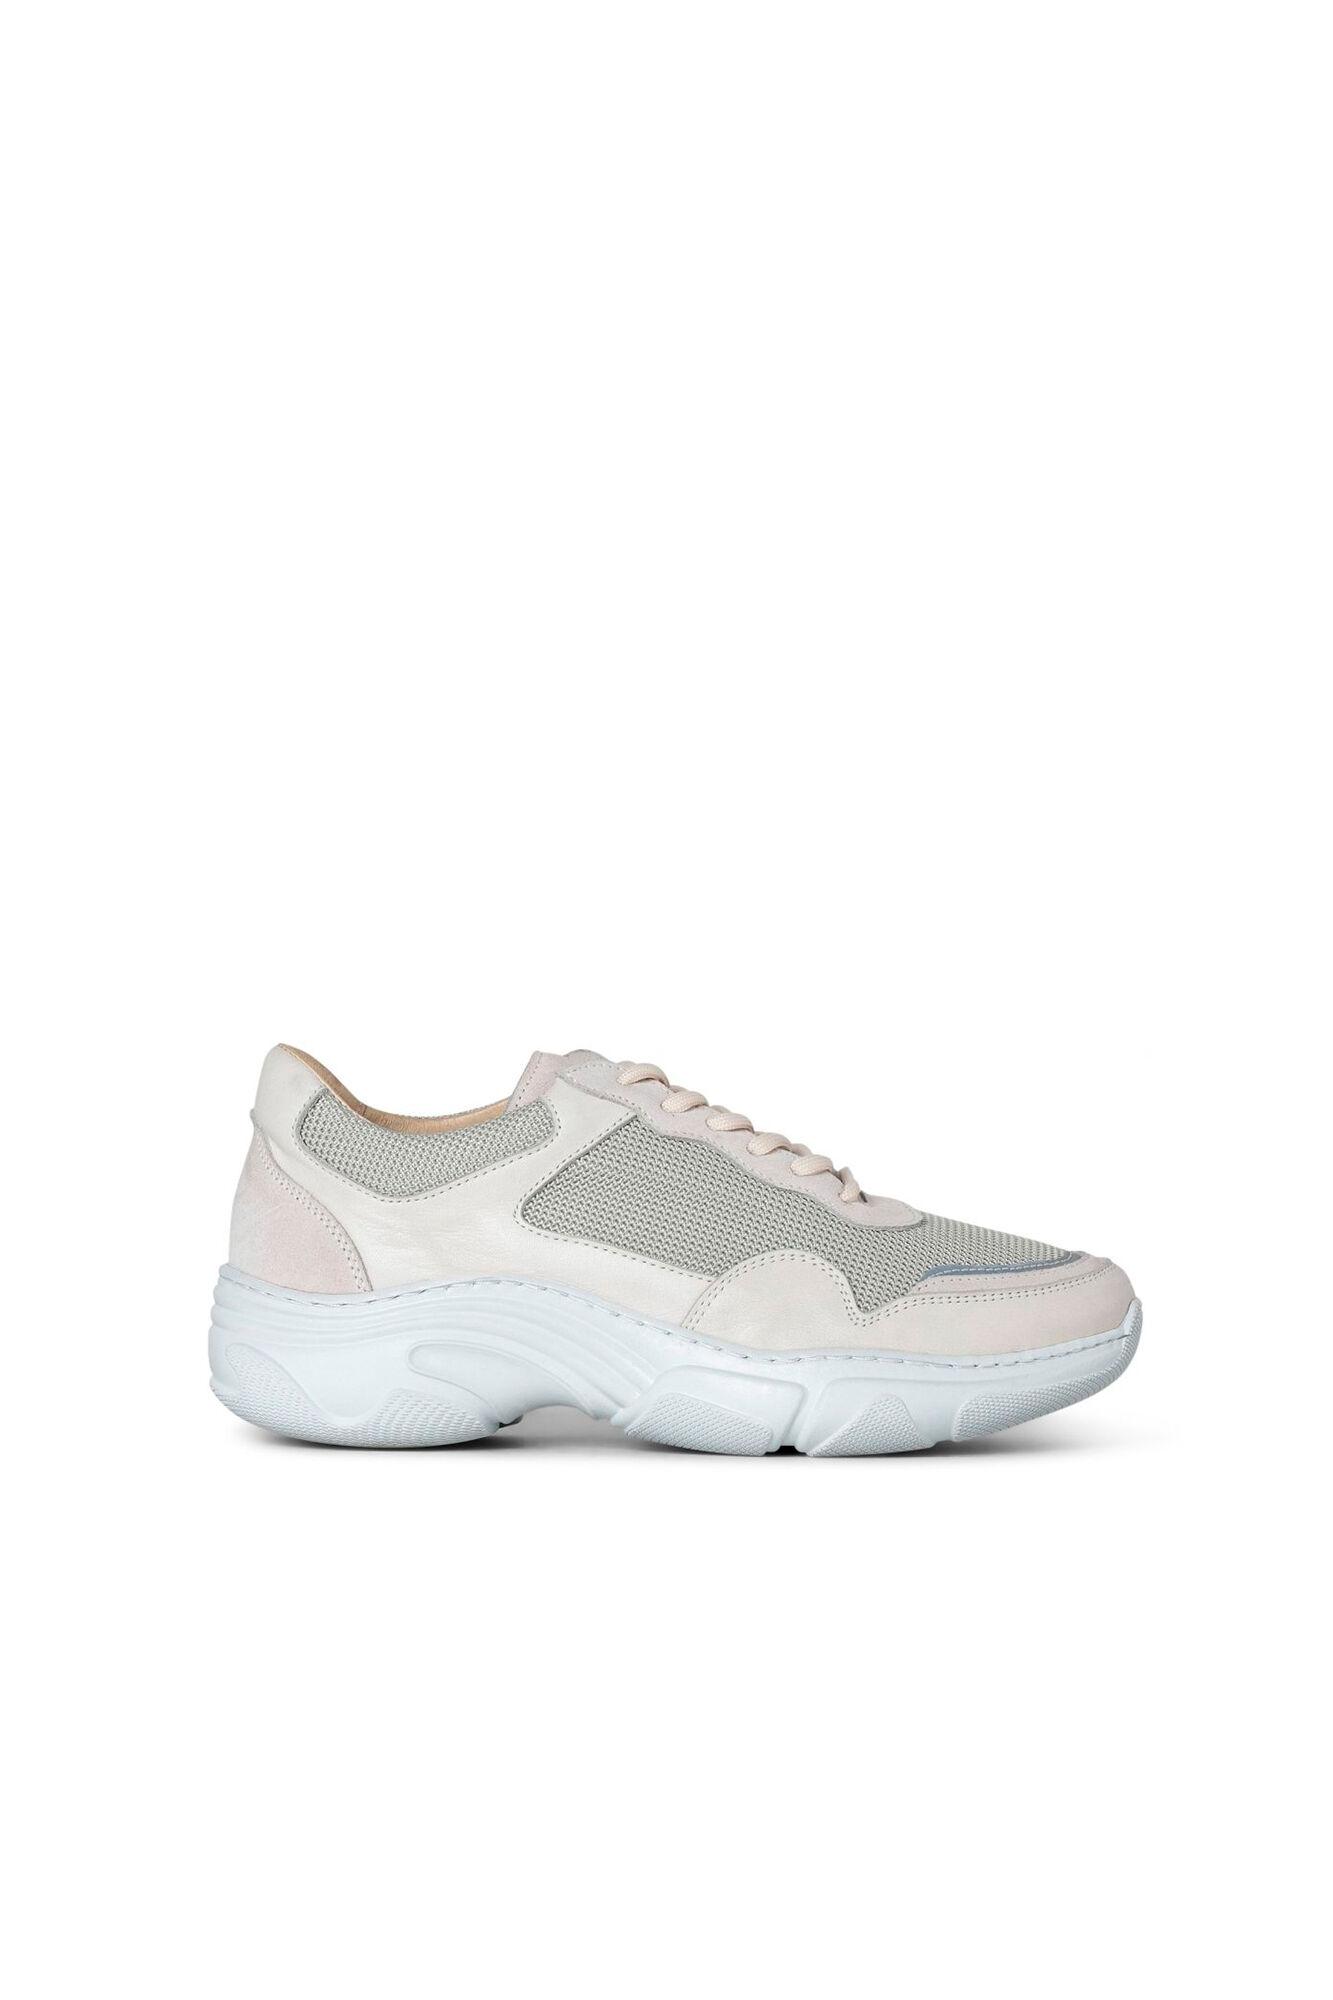 Flex Sneaker GPW1825, OFF WHITE